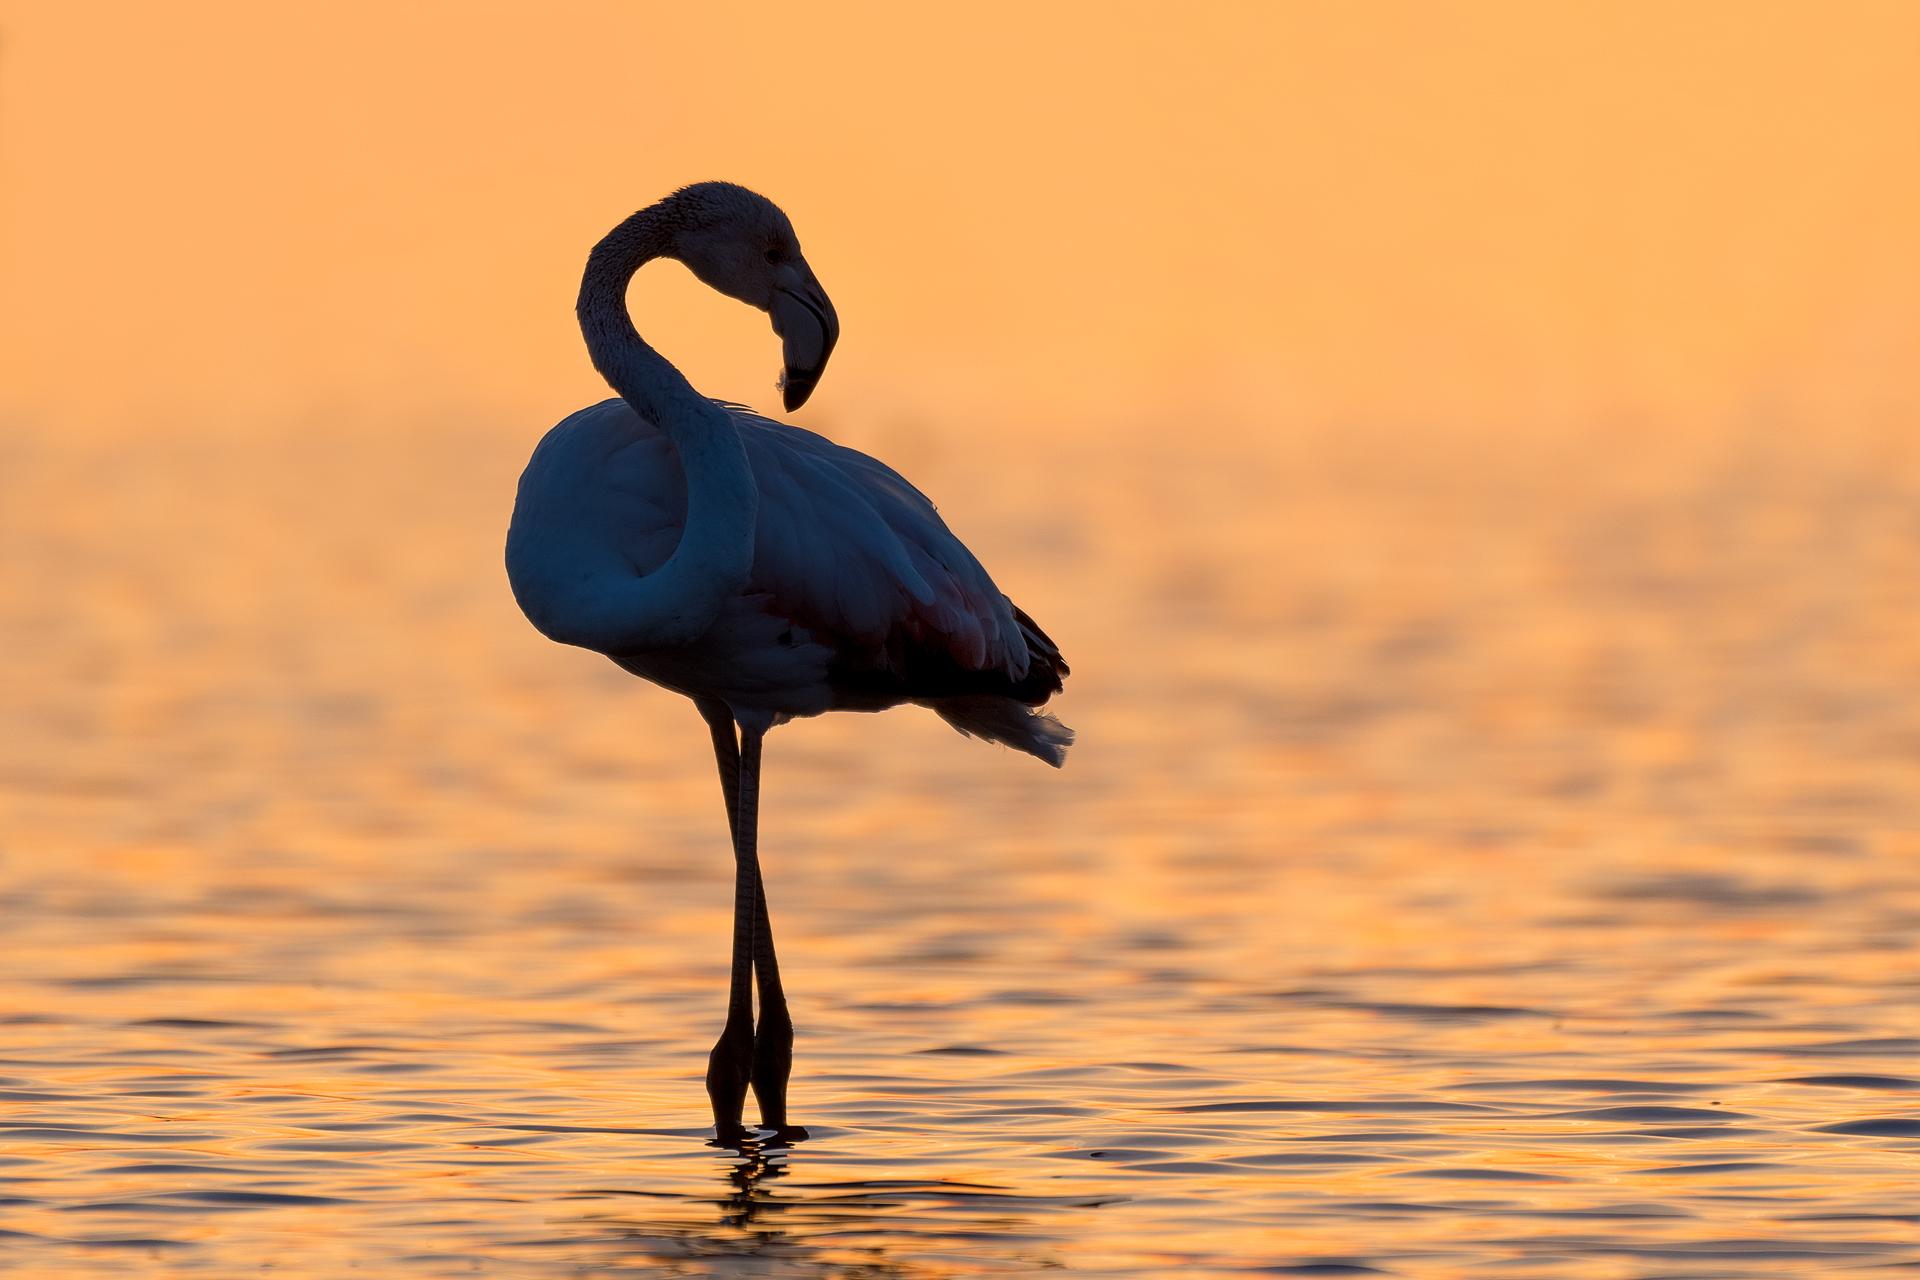 Загадъчният силует от Атанасовско езеро | Author Dragomir Georgiev - Dragon_bird | PHOTO FORUM